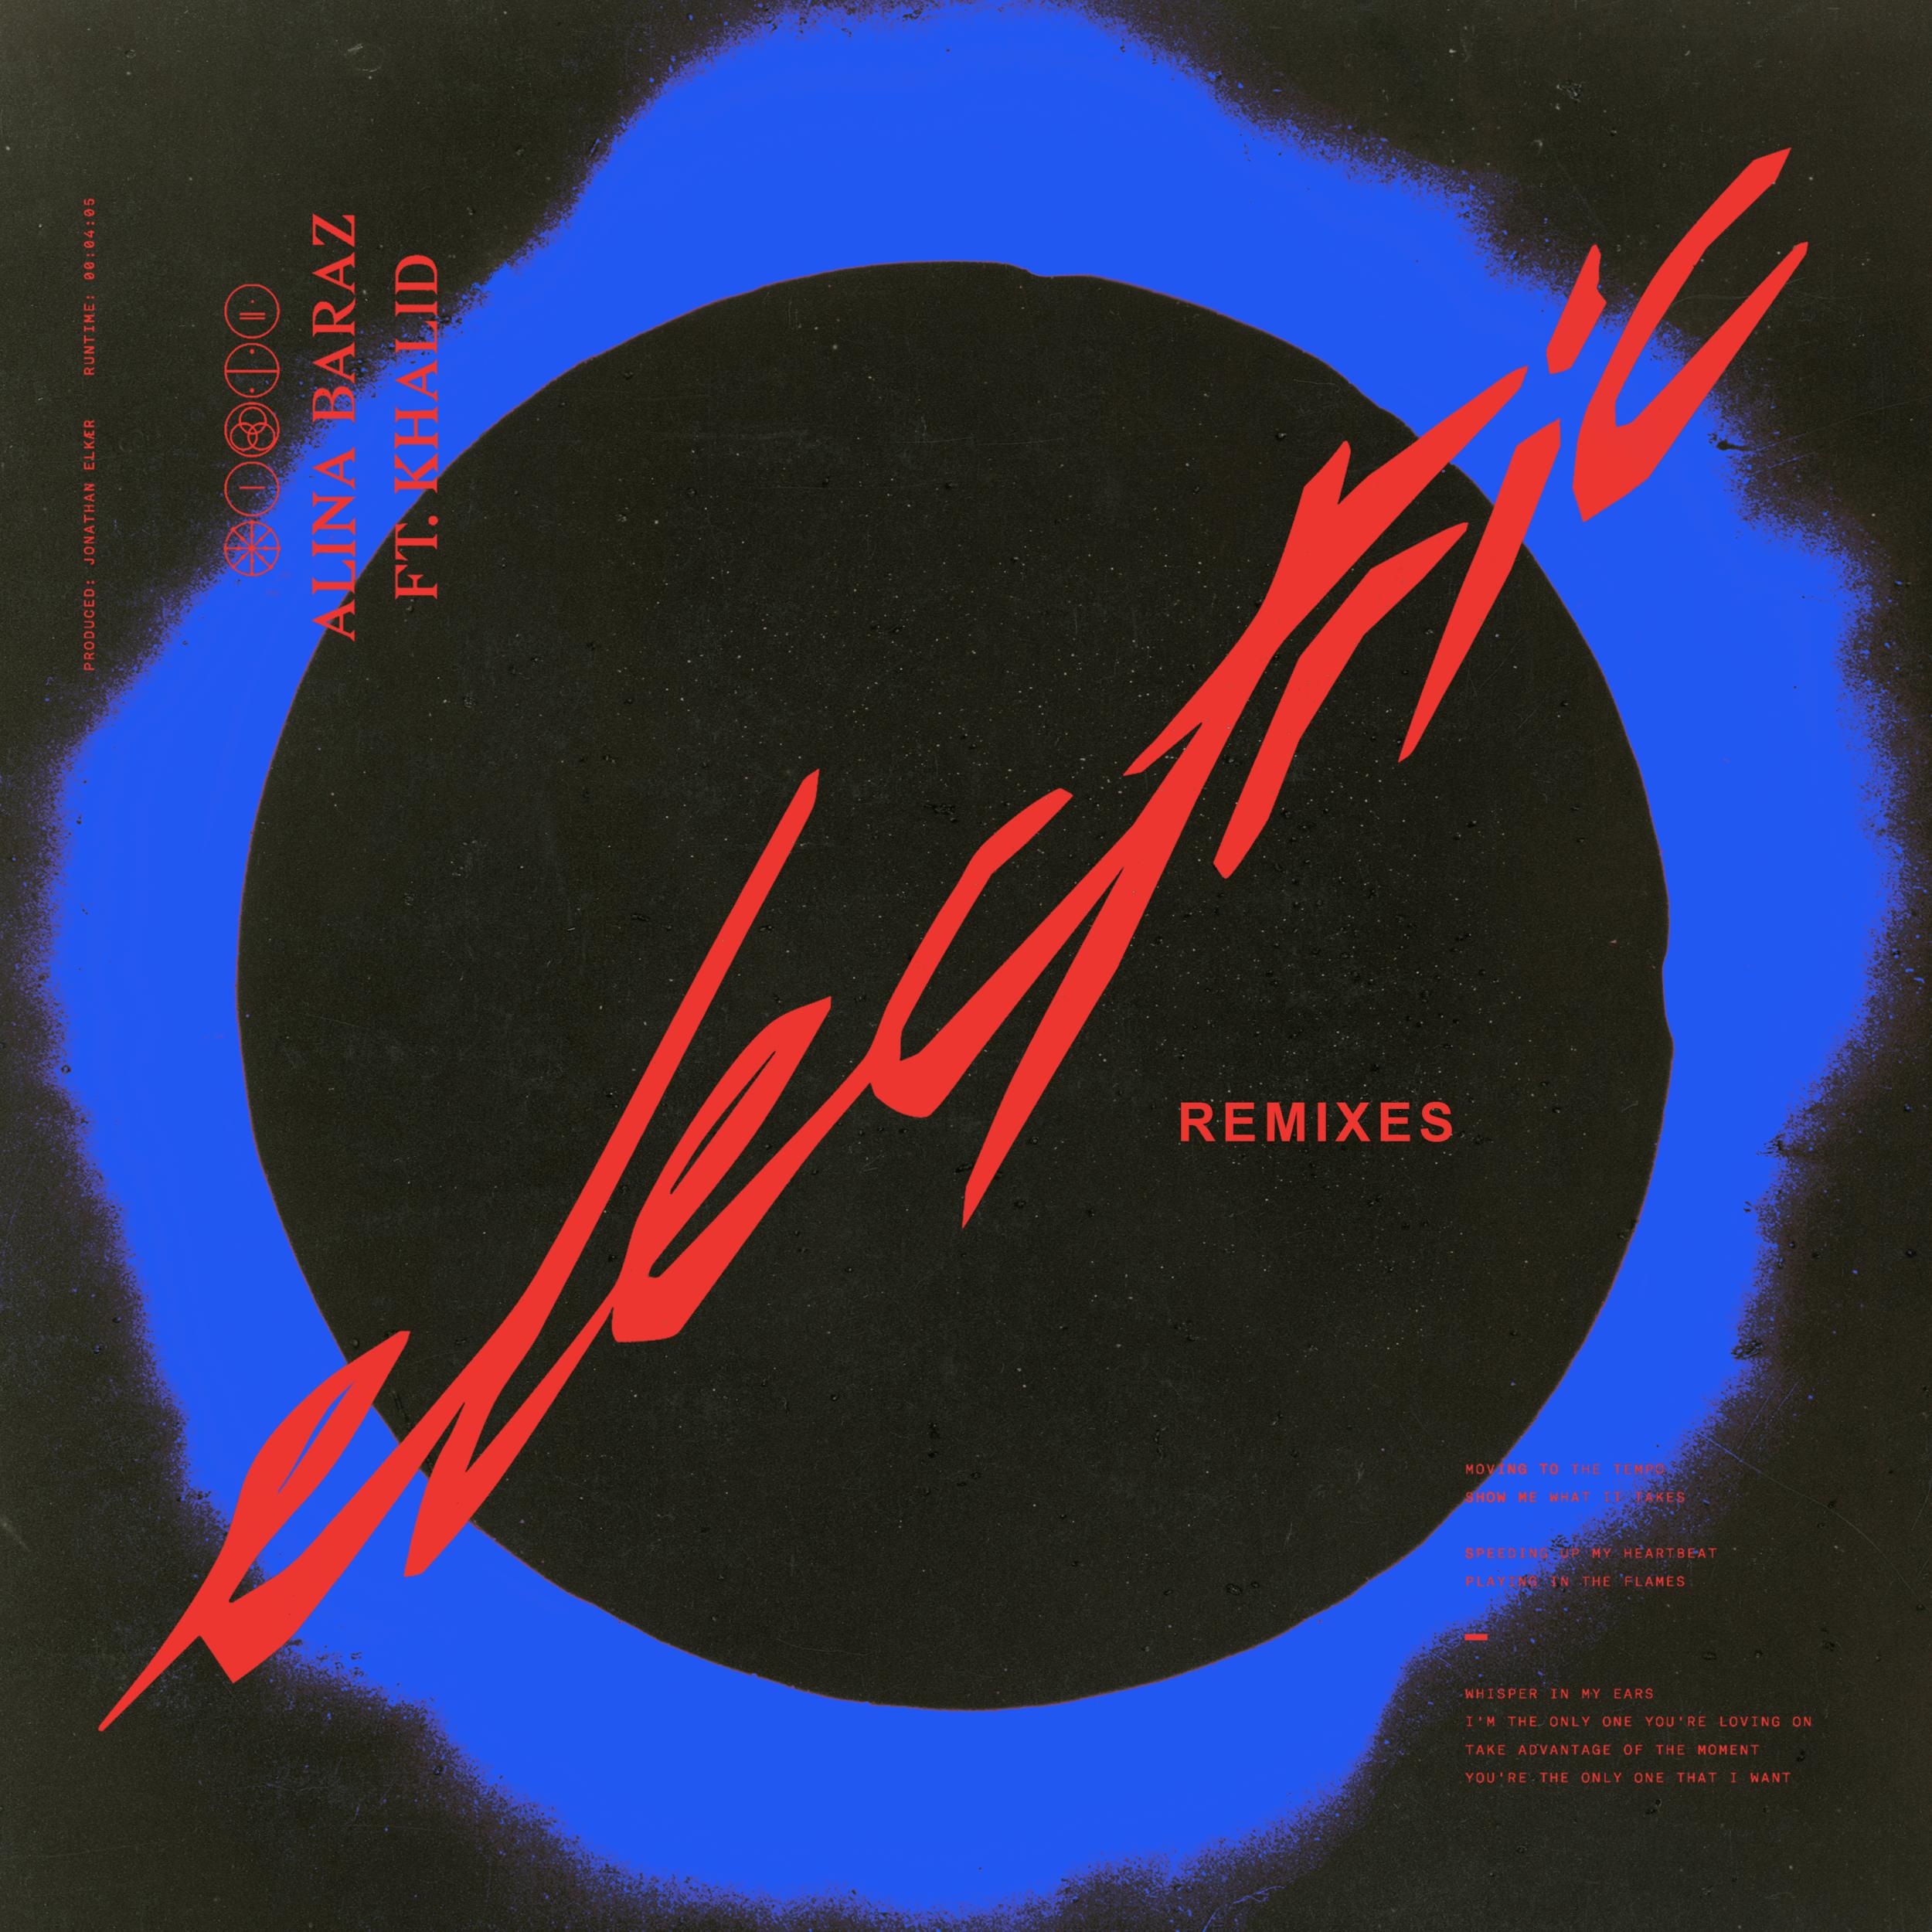 Alina Electric Remixes